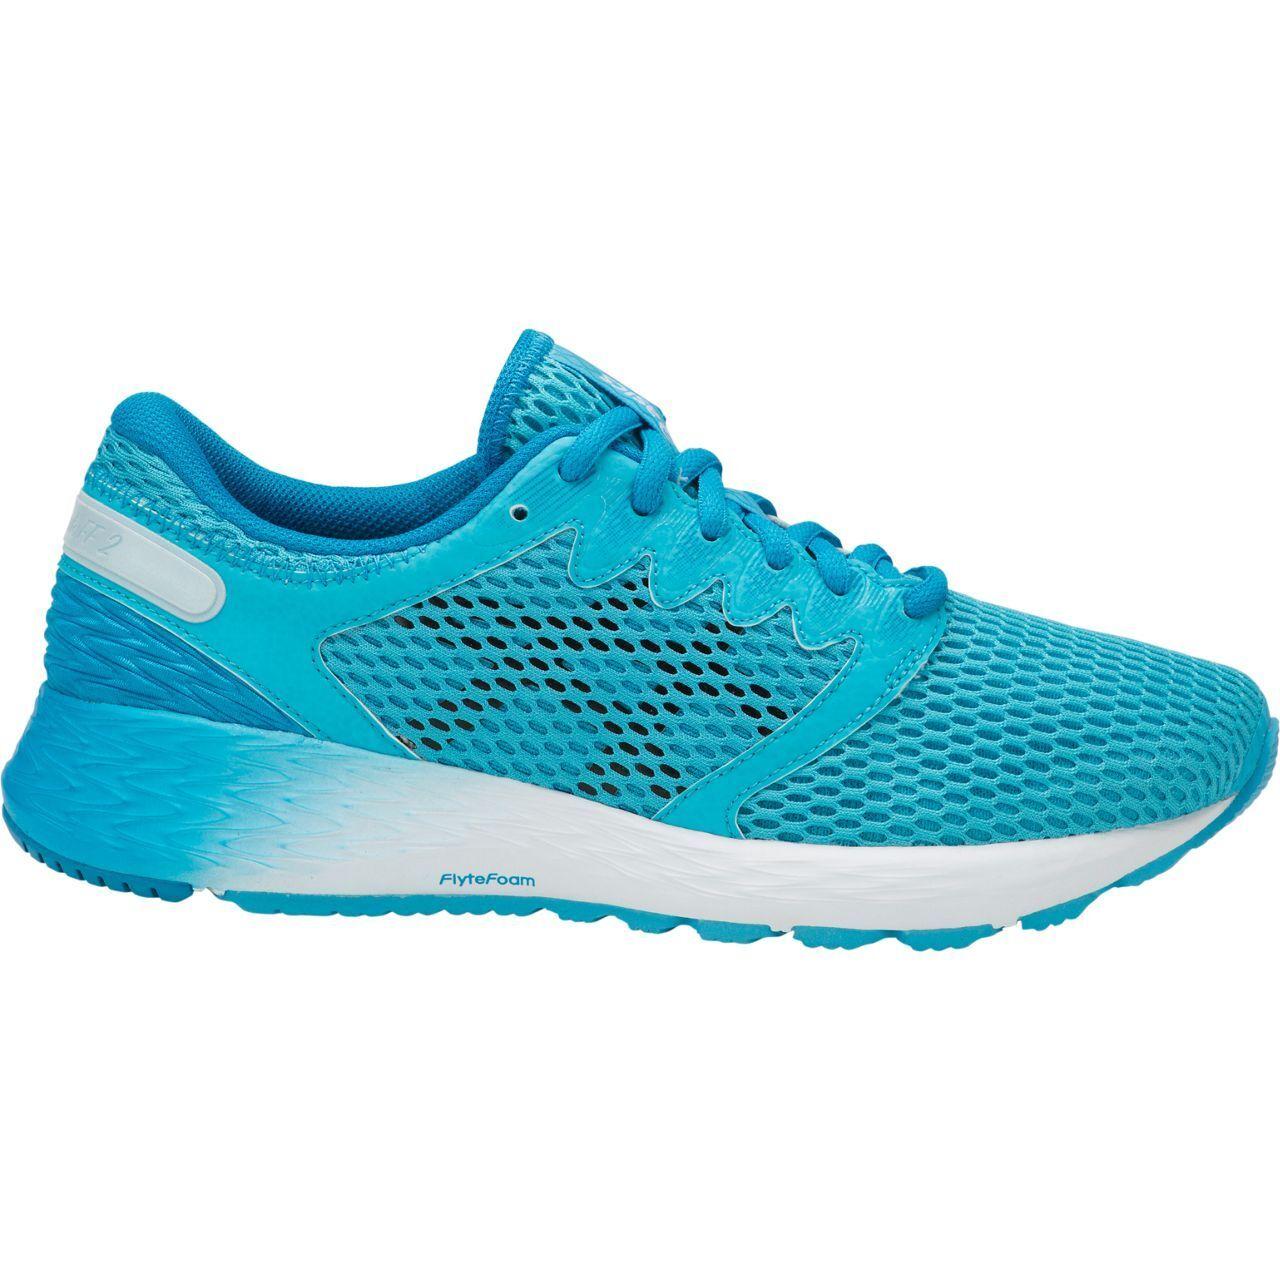 ASICS 1012A123 400 Roadhawk FF 2 aquarium noir femmes Running chaussures